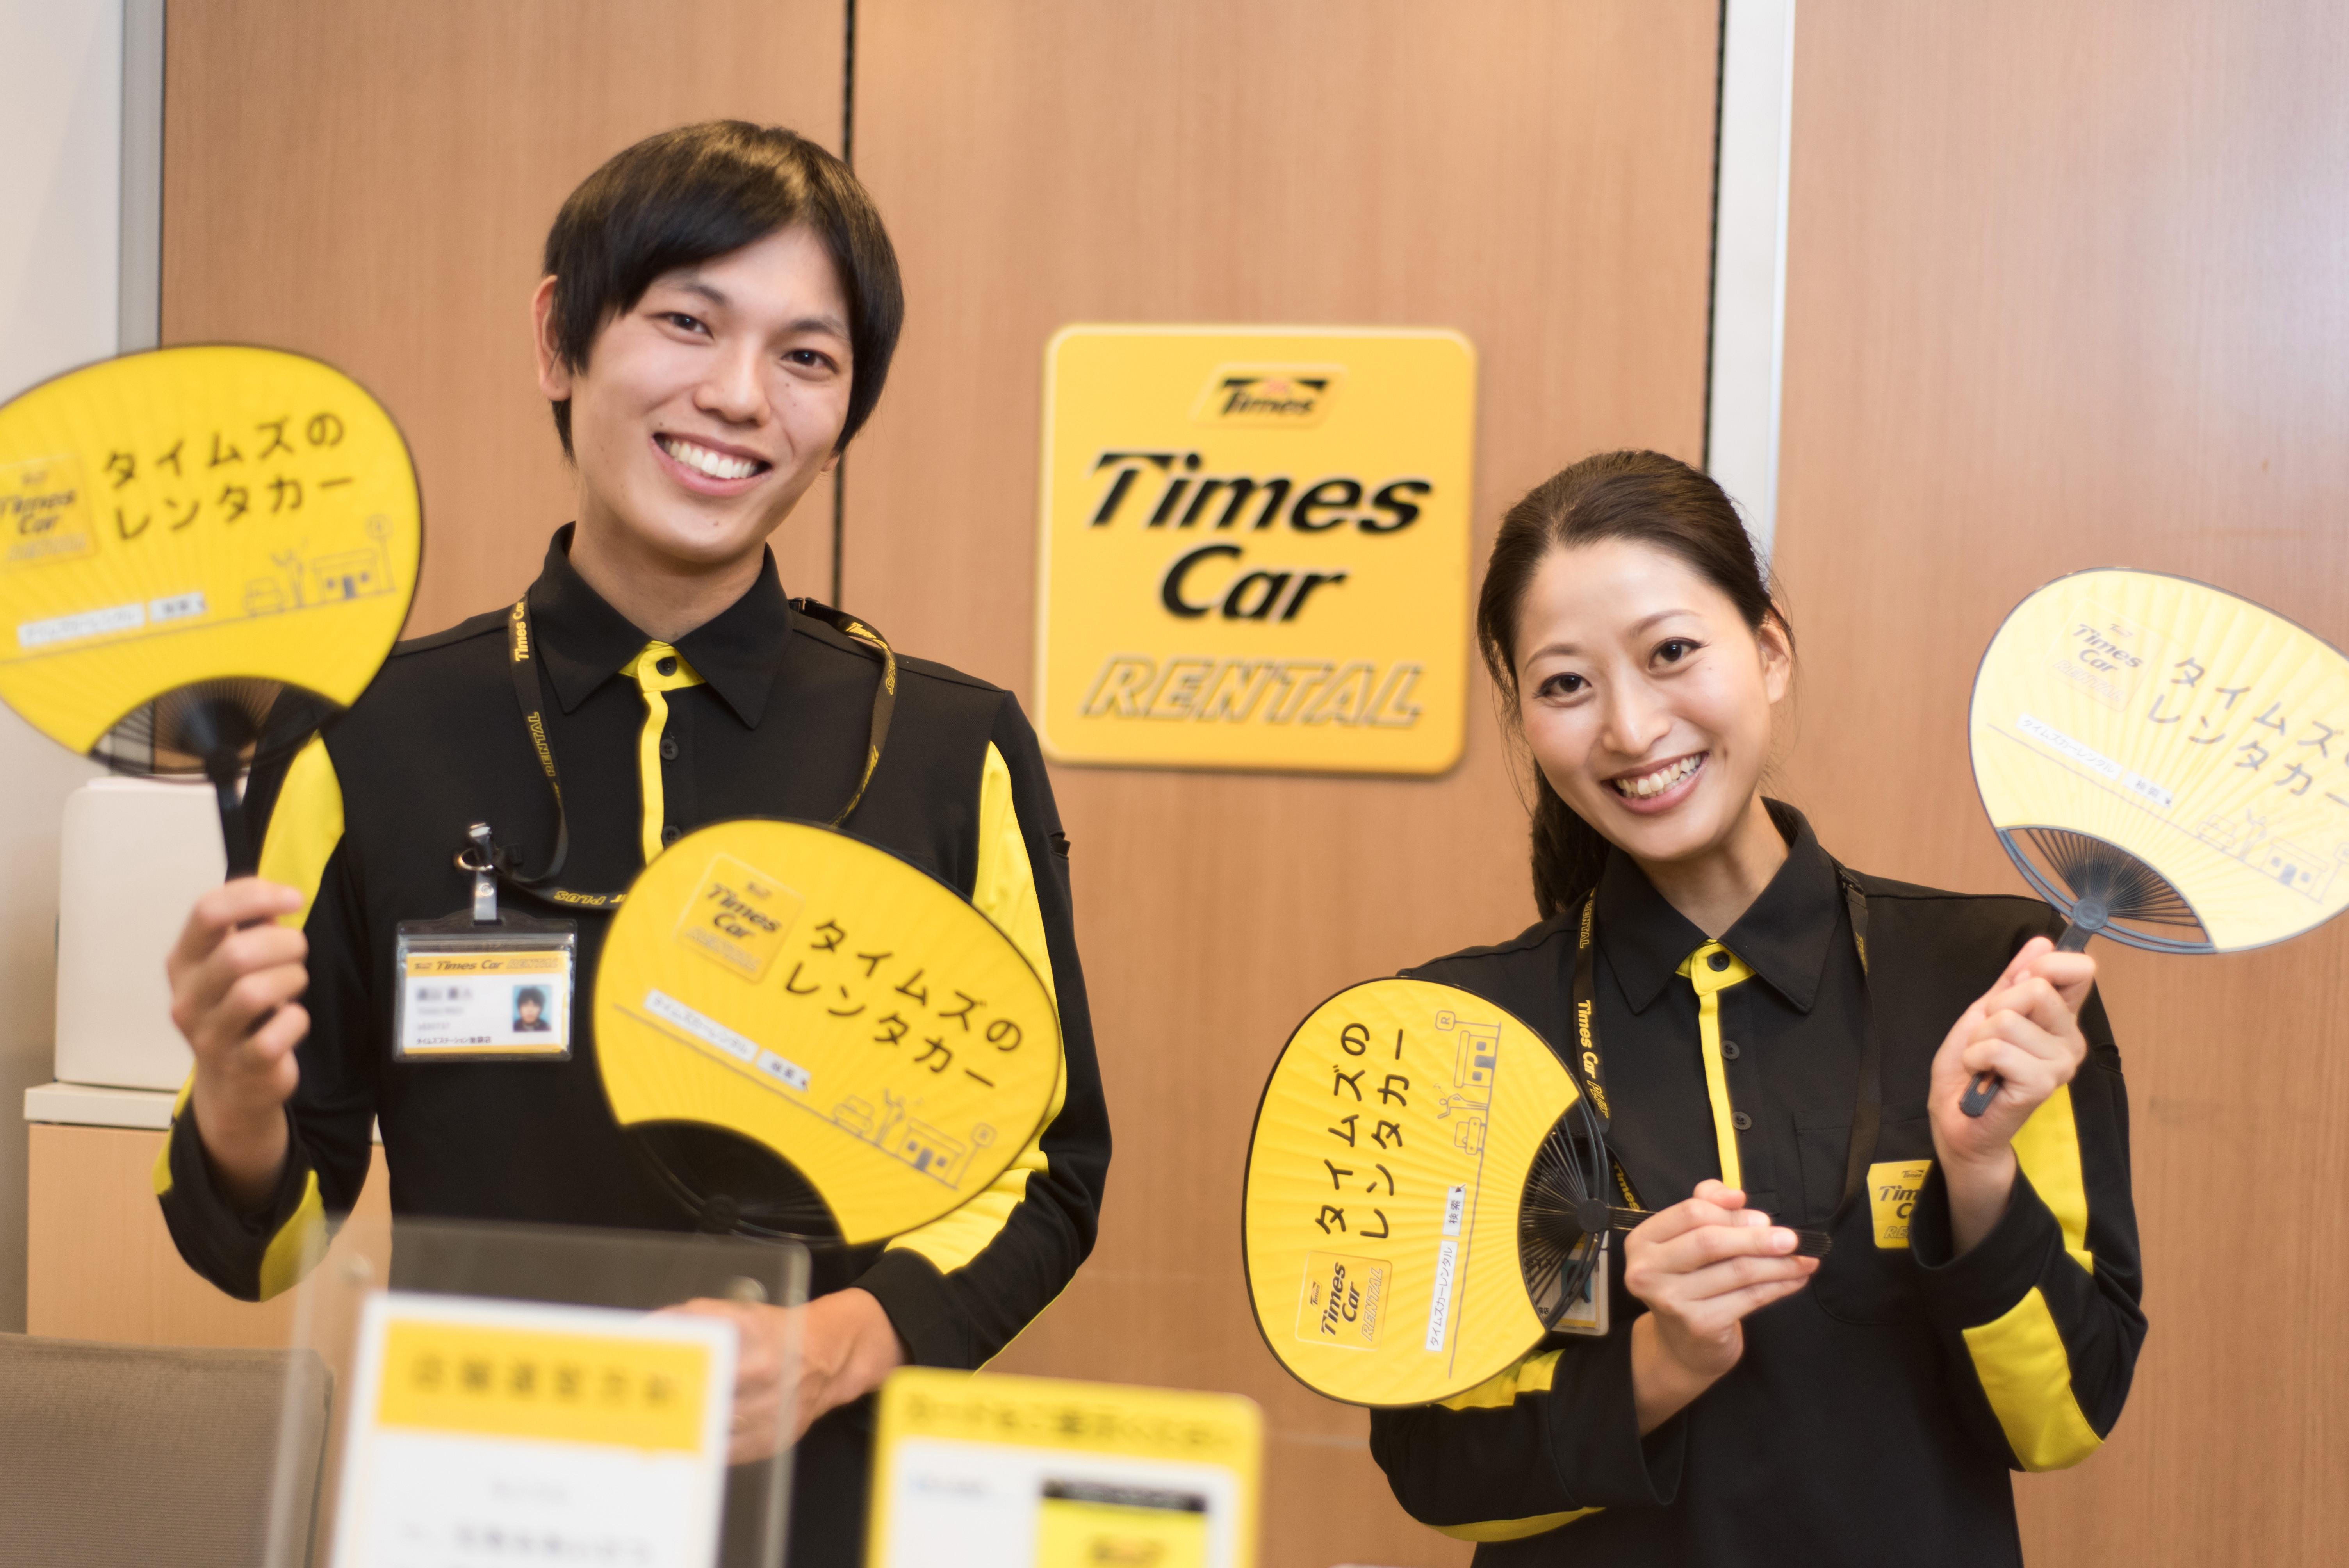 タイムズカーレンタル 小倉駅新幹線口店 のアルバイト情報